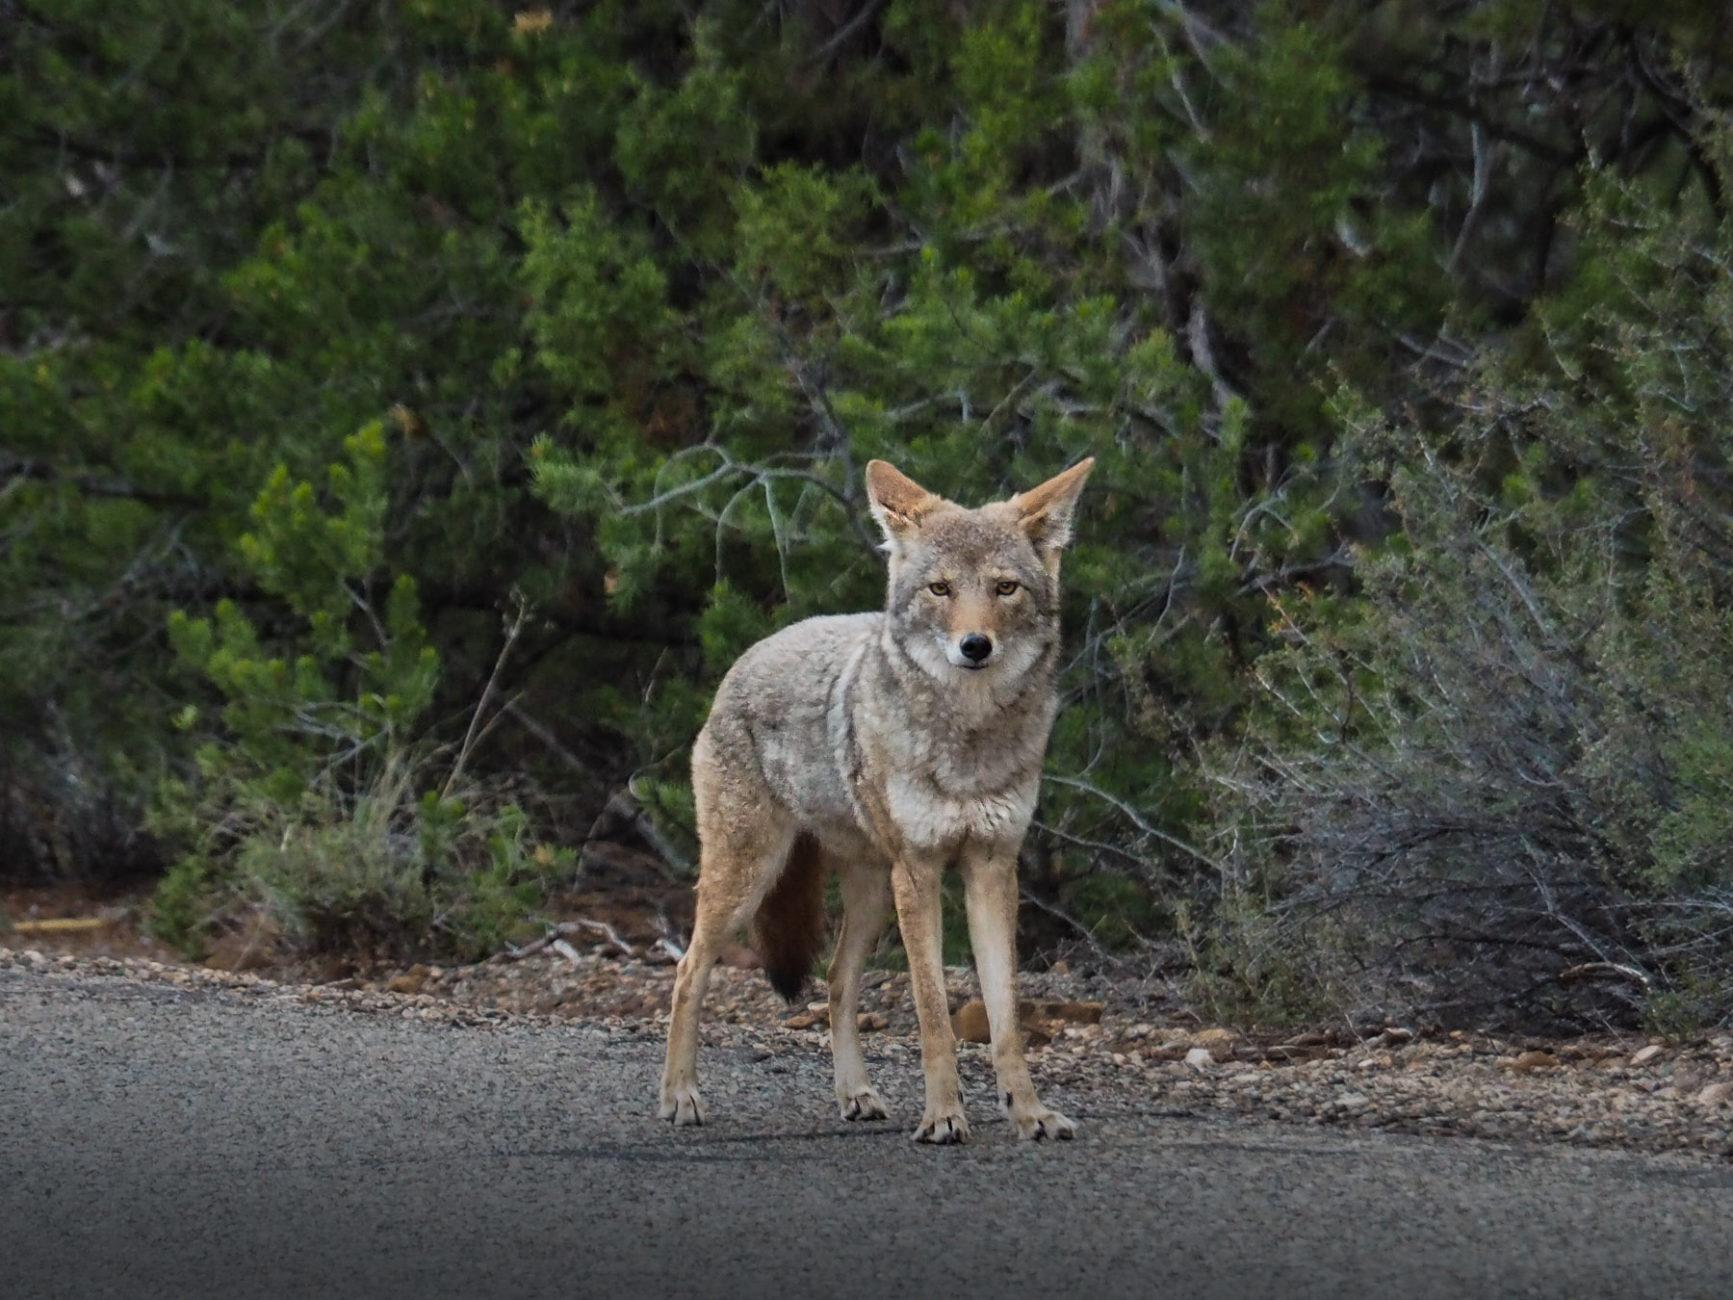 Koyote – schon öfter gesehen und in der Nacht gehört